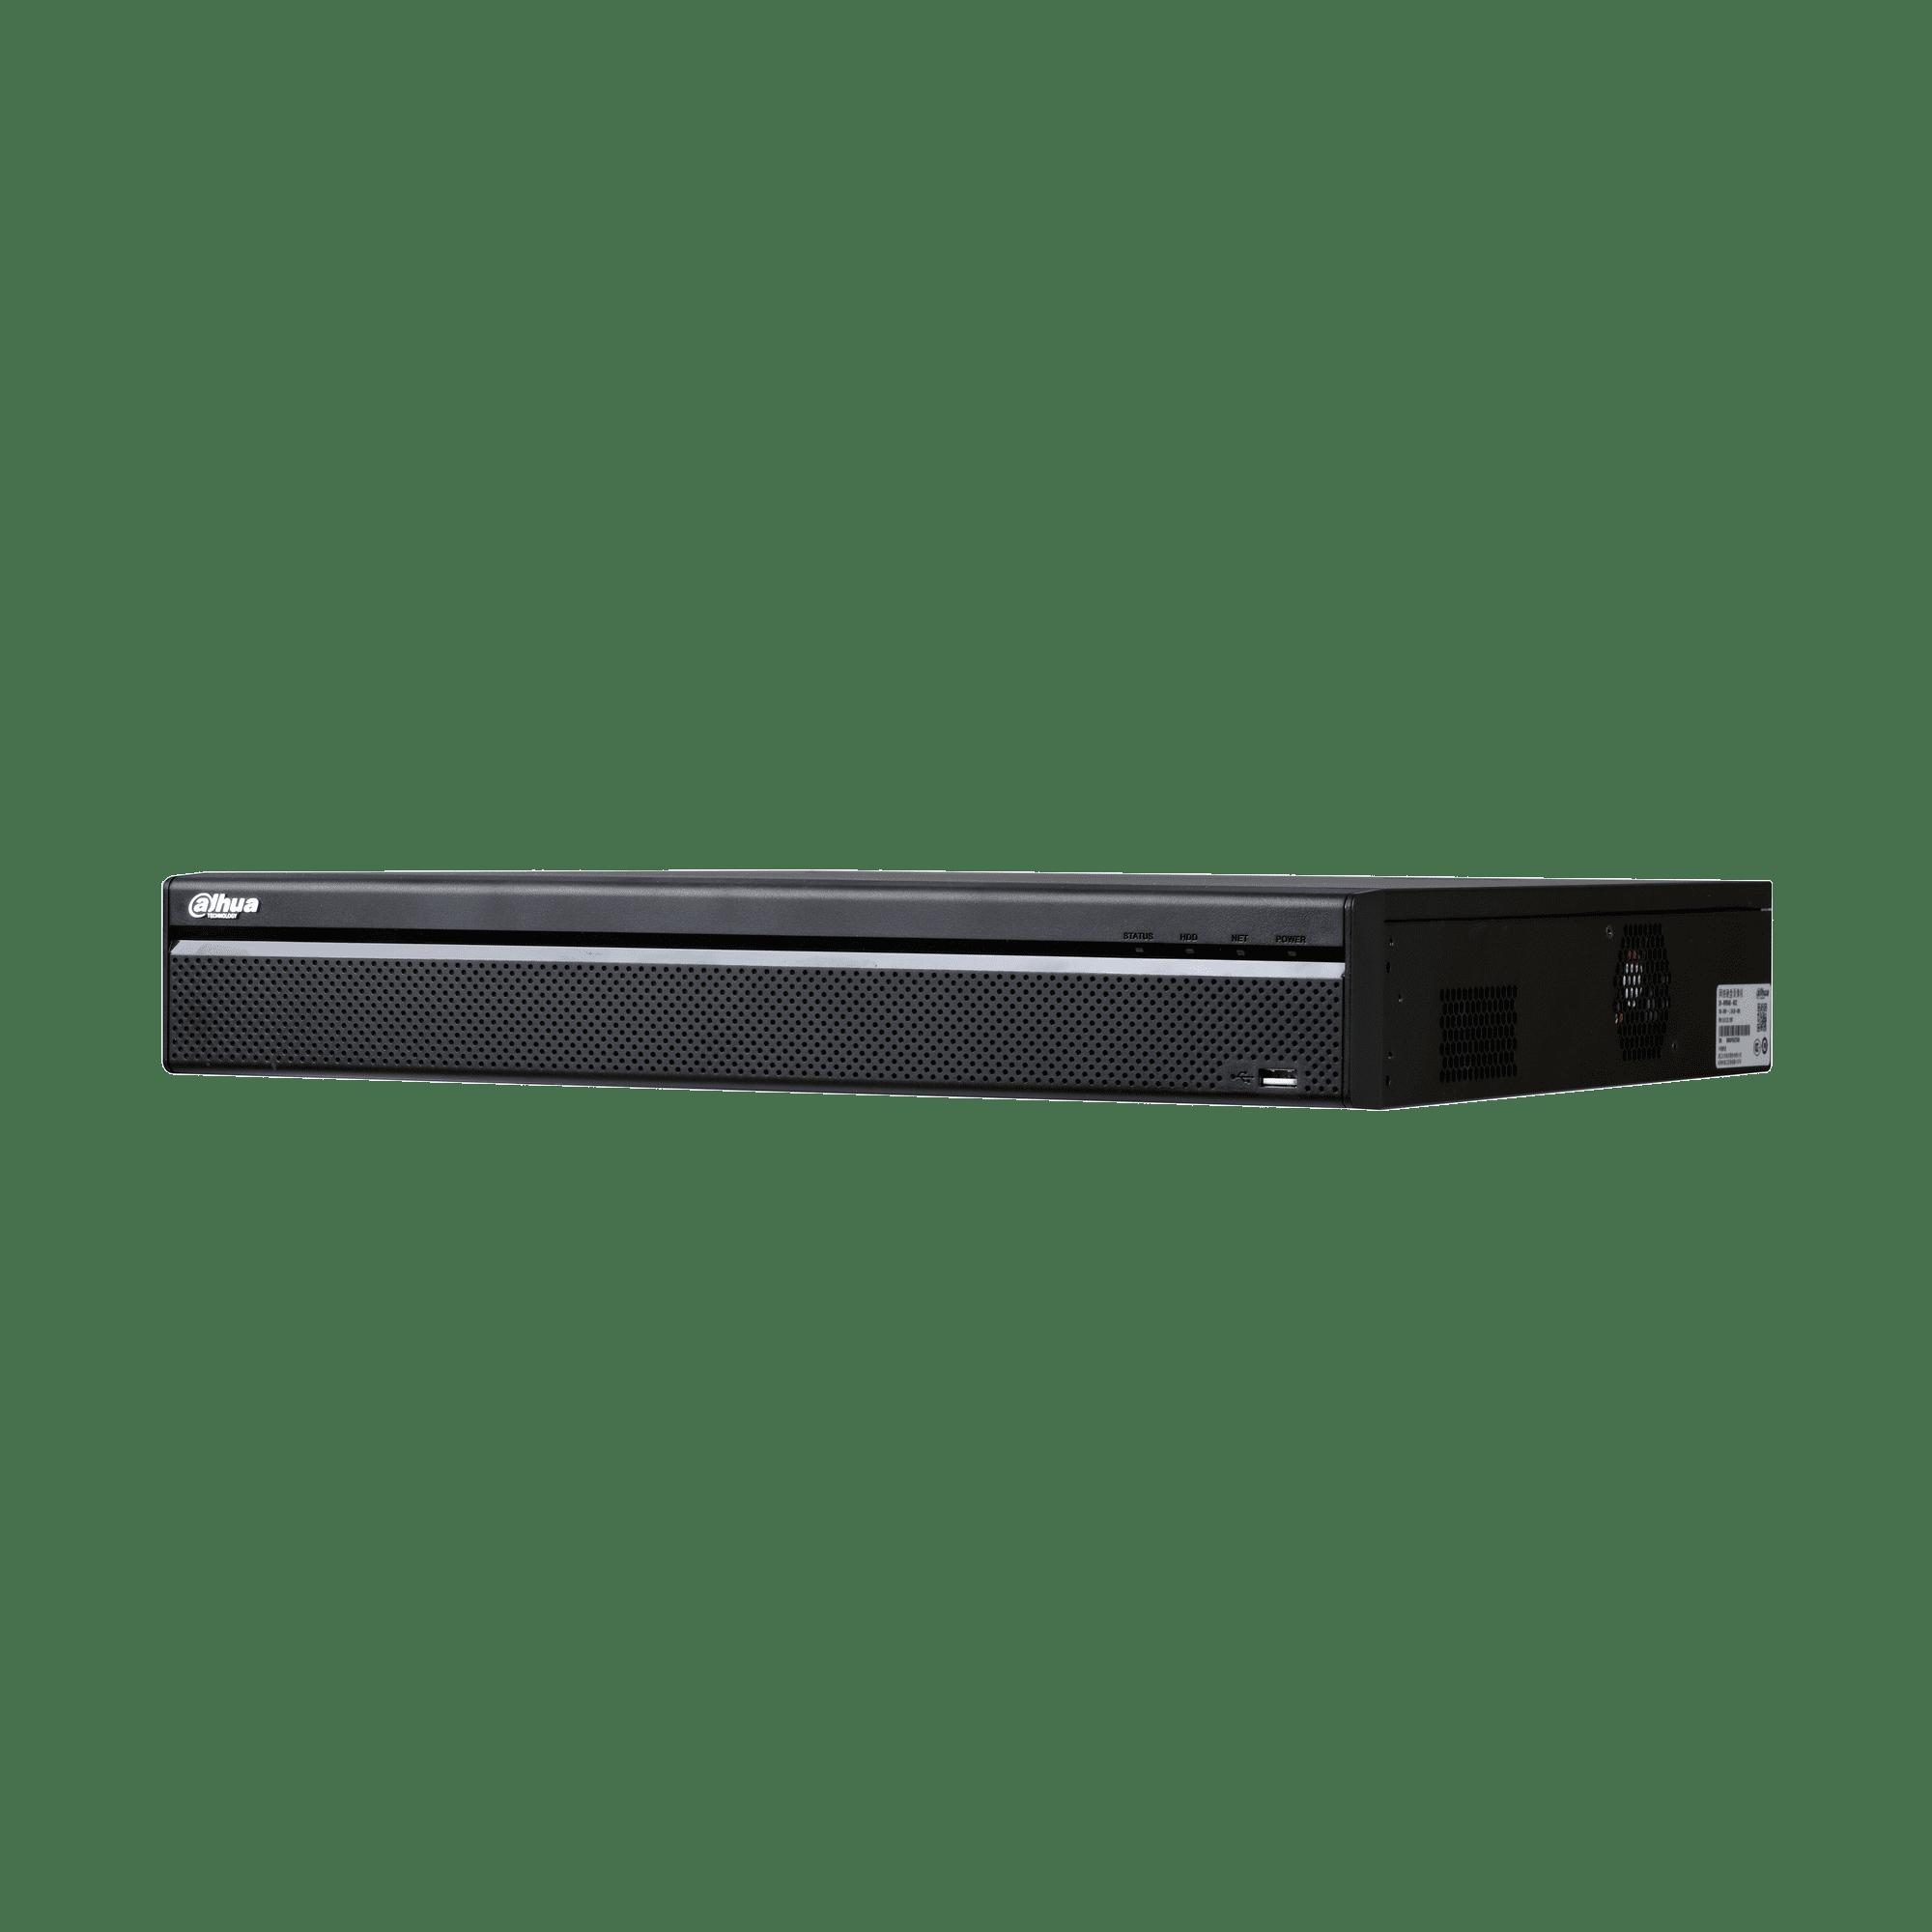 Dahua NVR5432-4KS2 4K 32 Channel NVR - only 6 964,00 DKR  in IPcam-shop dk